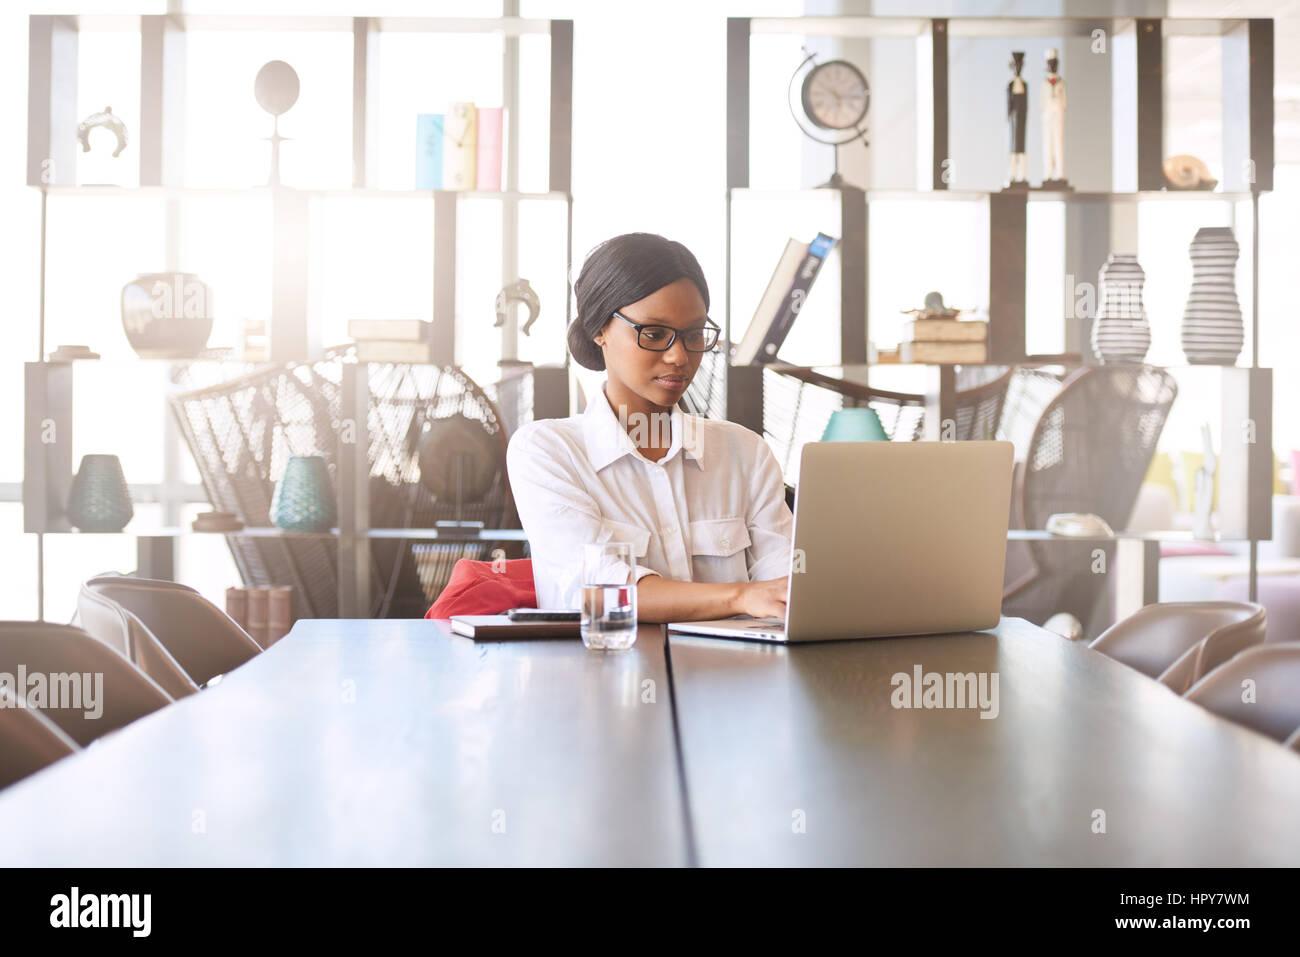 Attraktive junge Berufseinsteiger gebildet schwarze Frau beschäftigt Eingabe auf ihrem Notebook sitzen auf Stockbild